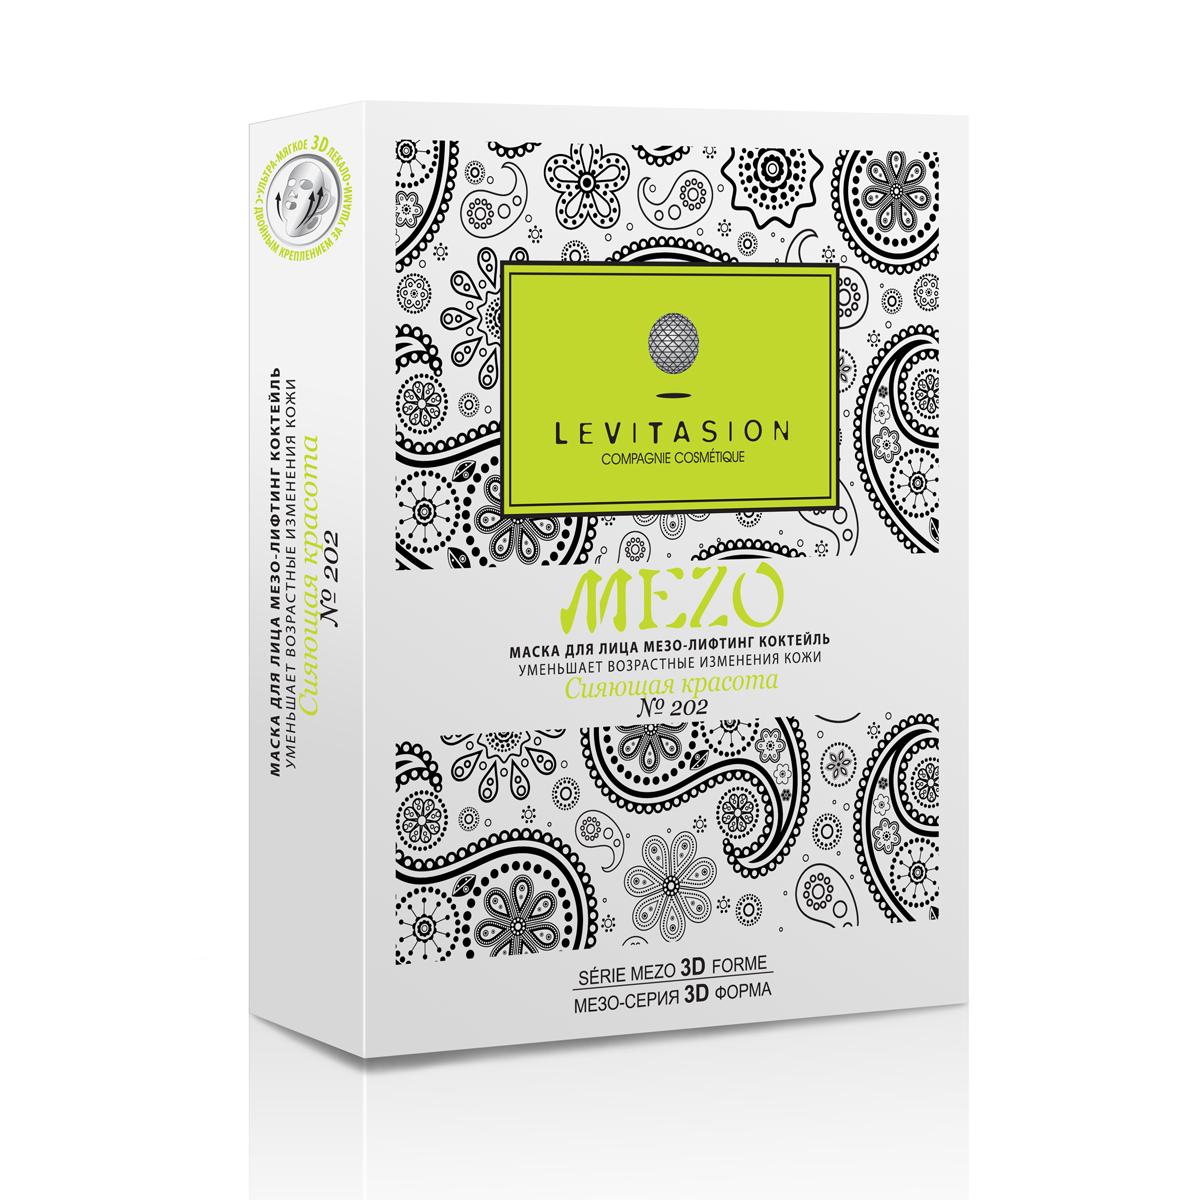 Levitasion Набор Mezo №202 Сияющая красота (5 масок), 190 млВМТ003Обеспечивает мощный лифтинг, глубоко насыщает кожу влагой, укрепляет дермальный матрикс, восстанавливает упругость кожи, улучшает цвет лица, дарит выраженный омолаживающий эффект, активно борется с проблемами дряблости кожи.